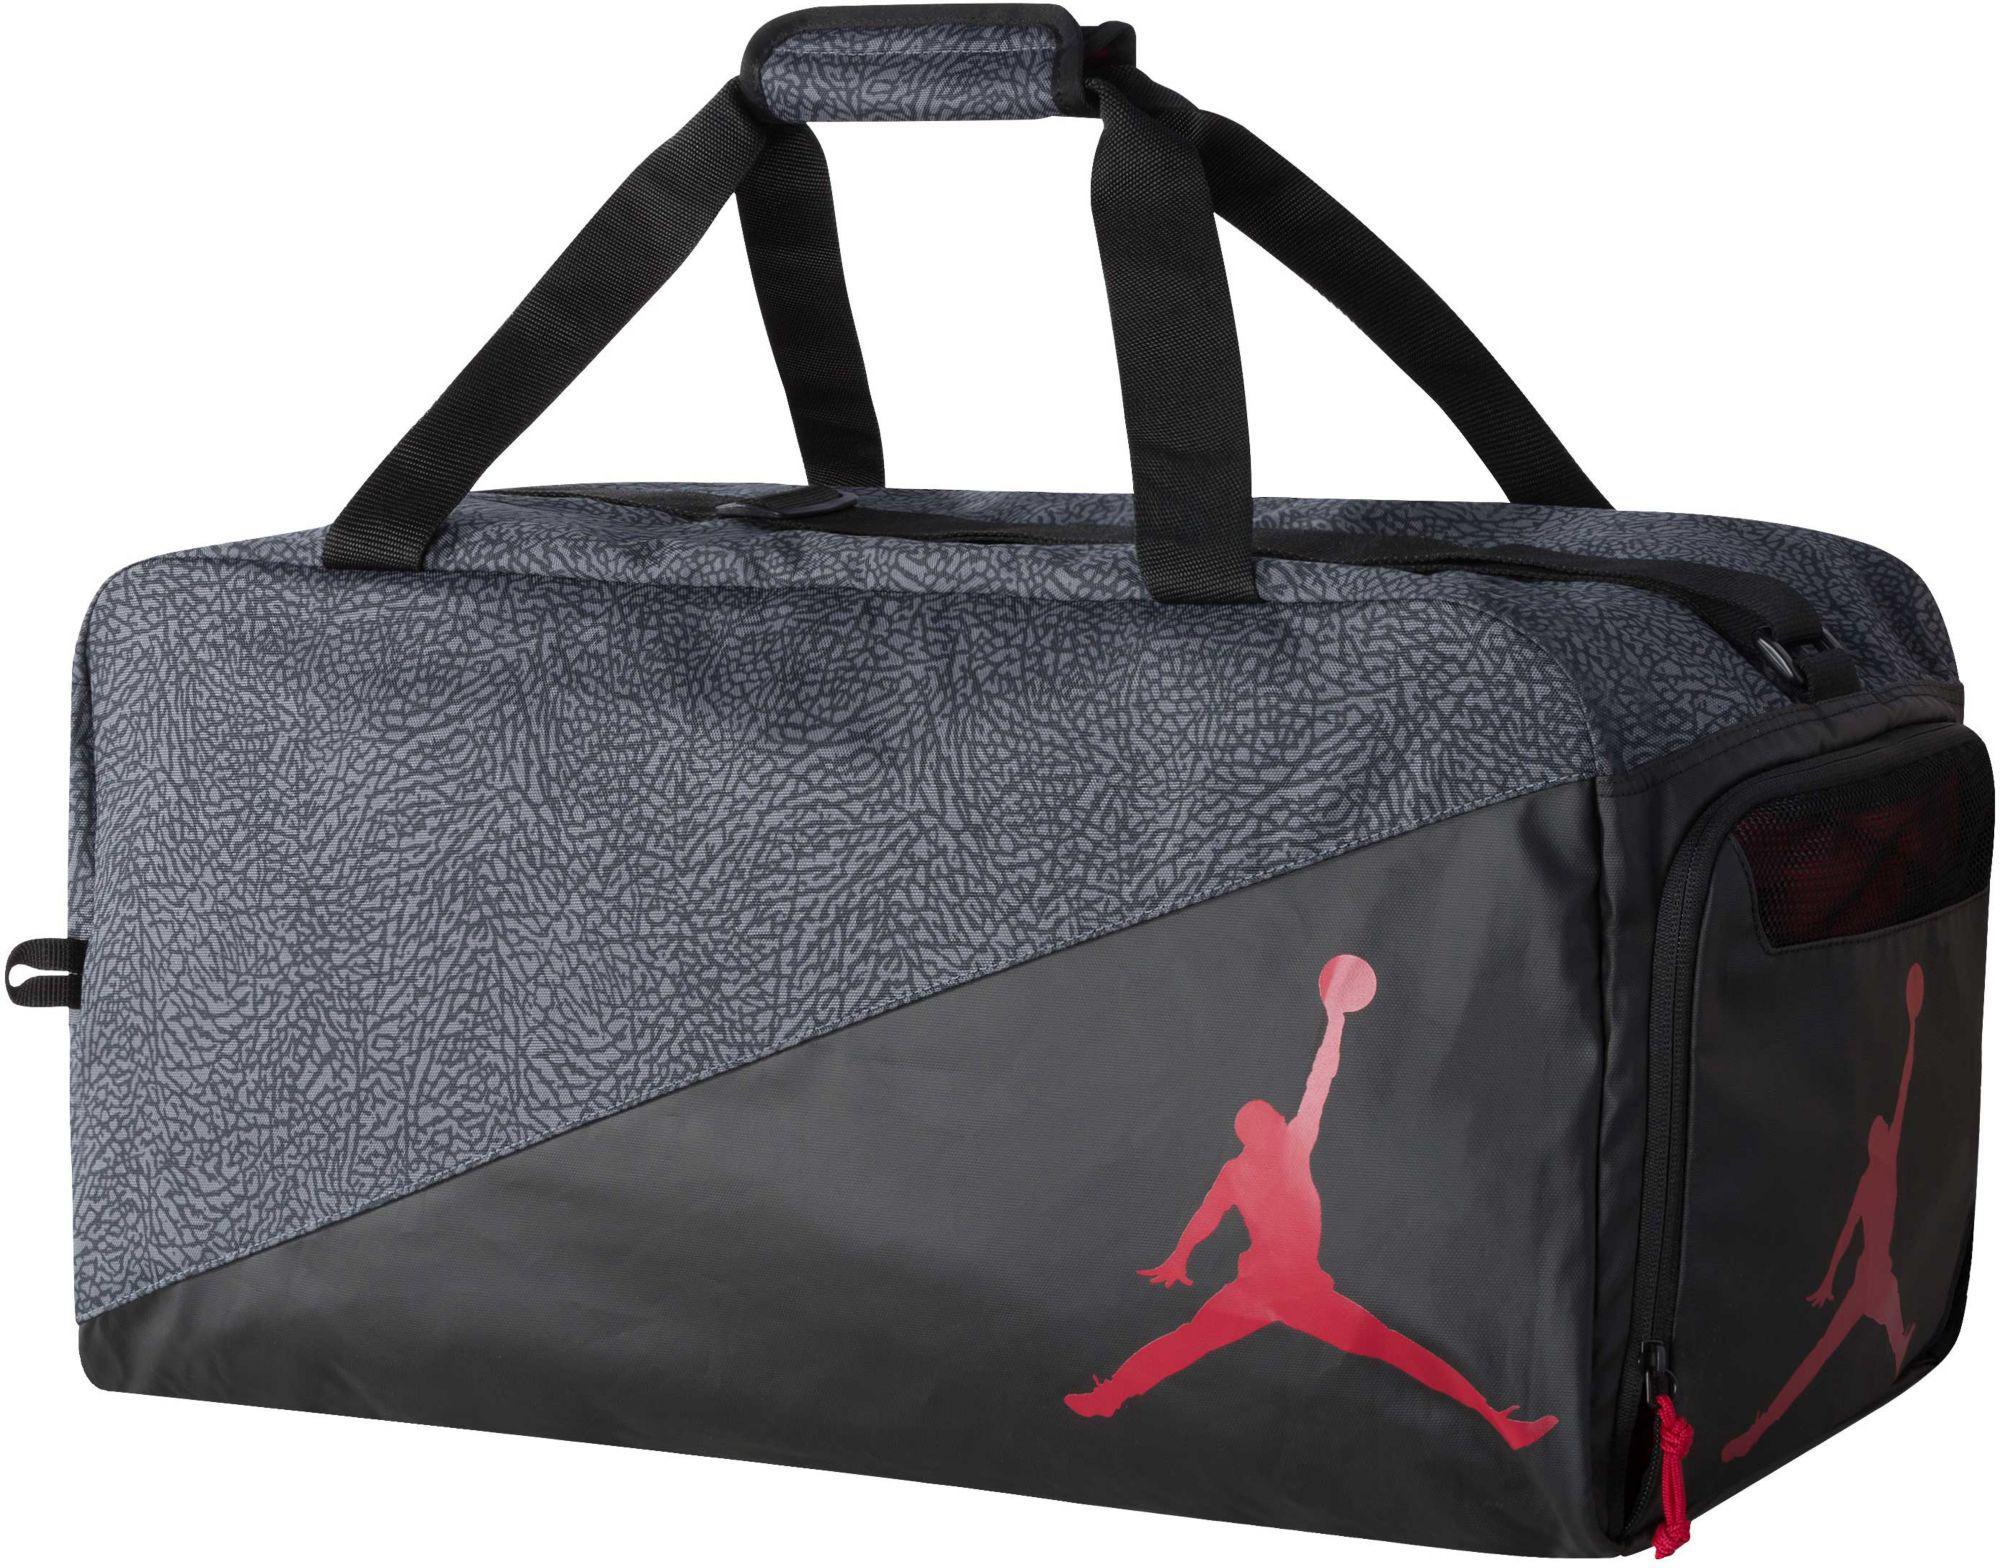 ac74794f2f5e Lyst - Nike Elemental Medium Duffle Bag in Black for Men